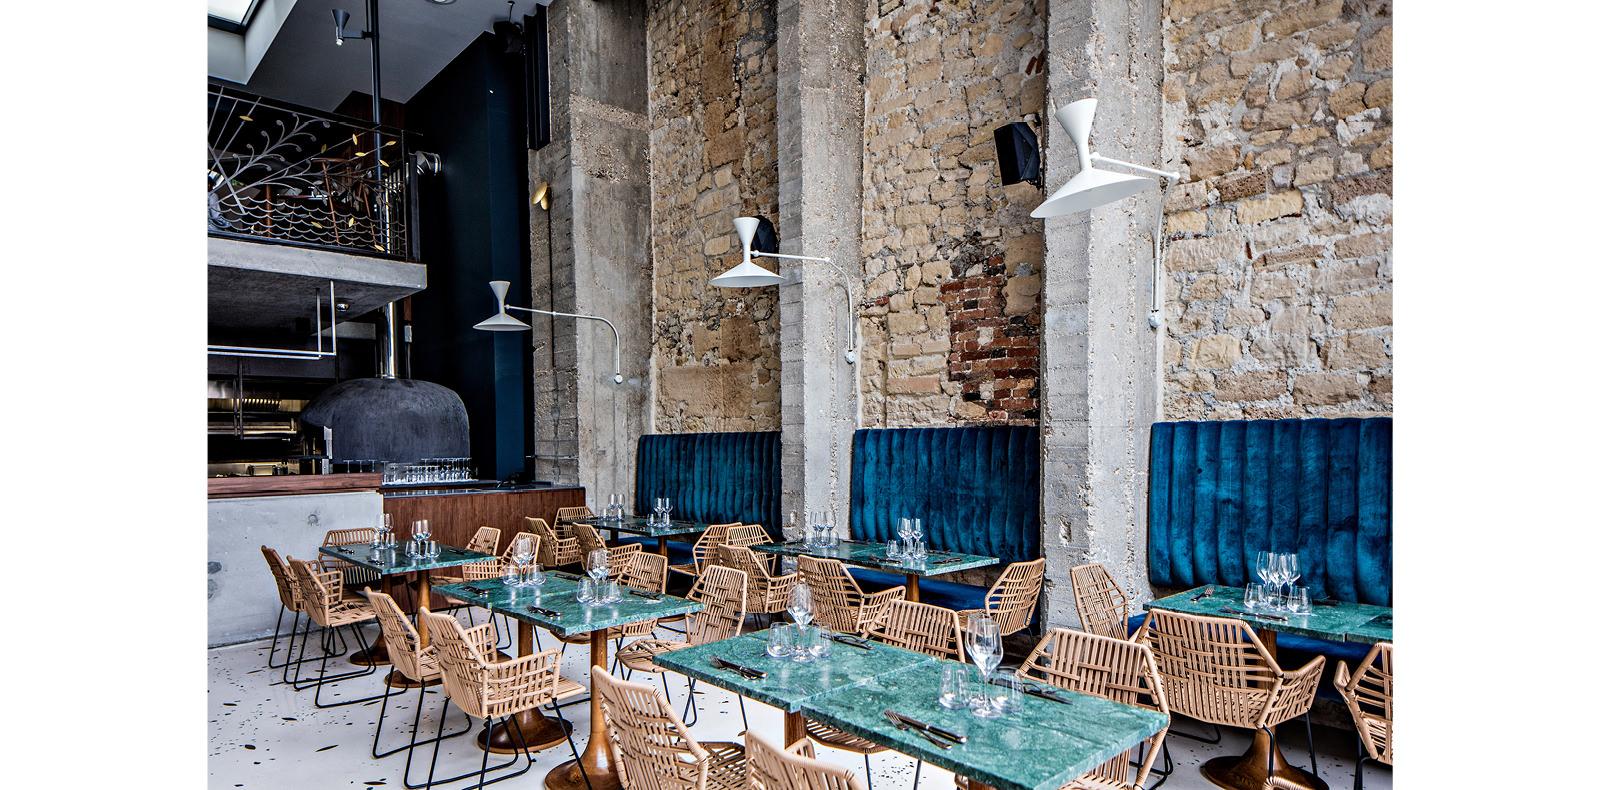 Daroco  C'est dans l'ancienne boutique du créateur Jean Paul Gaultier, nichée dans la galerie Vivienne, qu'Alexandre Giesbert et Julien Ross ont choisi d'installer leur nouveau restaurant italien. Cuisine ouverte, décoration sobre et racée, serveurs en marinière font de ce lieu la nouvelle adresse en vue du centre parisien. On découvre ou on redécouvre des spécialités italiennes comme le poulpe grillé, la burrata, les risottos crémeux ainsi que les délicieuses pizzas, fines et croustillantes, qui ont fait le succès de leurs premiers établissements.  6, rue Vivienne, Paris IIe. Tél. 01 42 21 93 71.